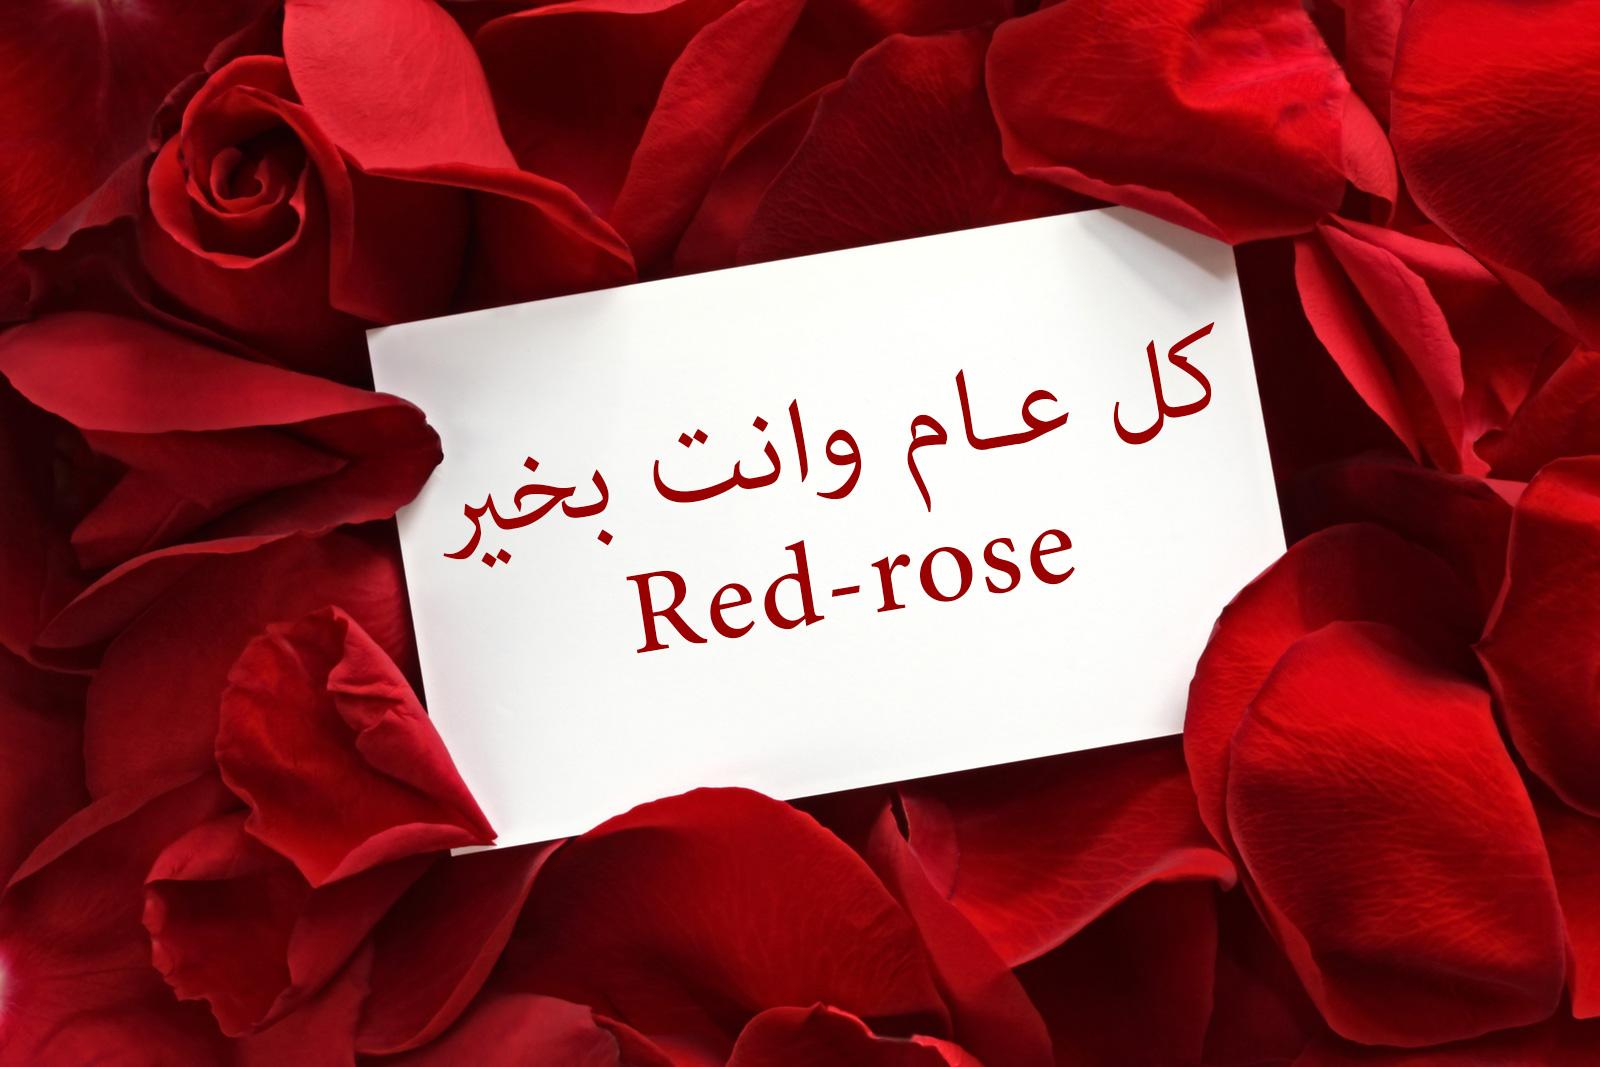 كل عام وانت بخير Red Rose منتديات أنا الأردن